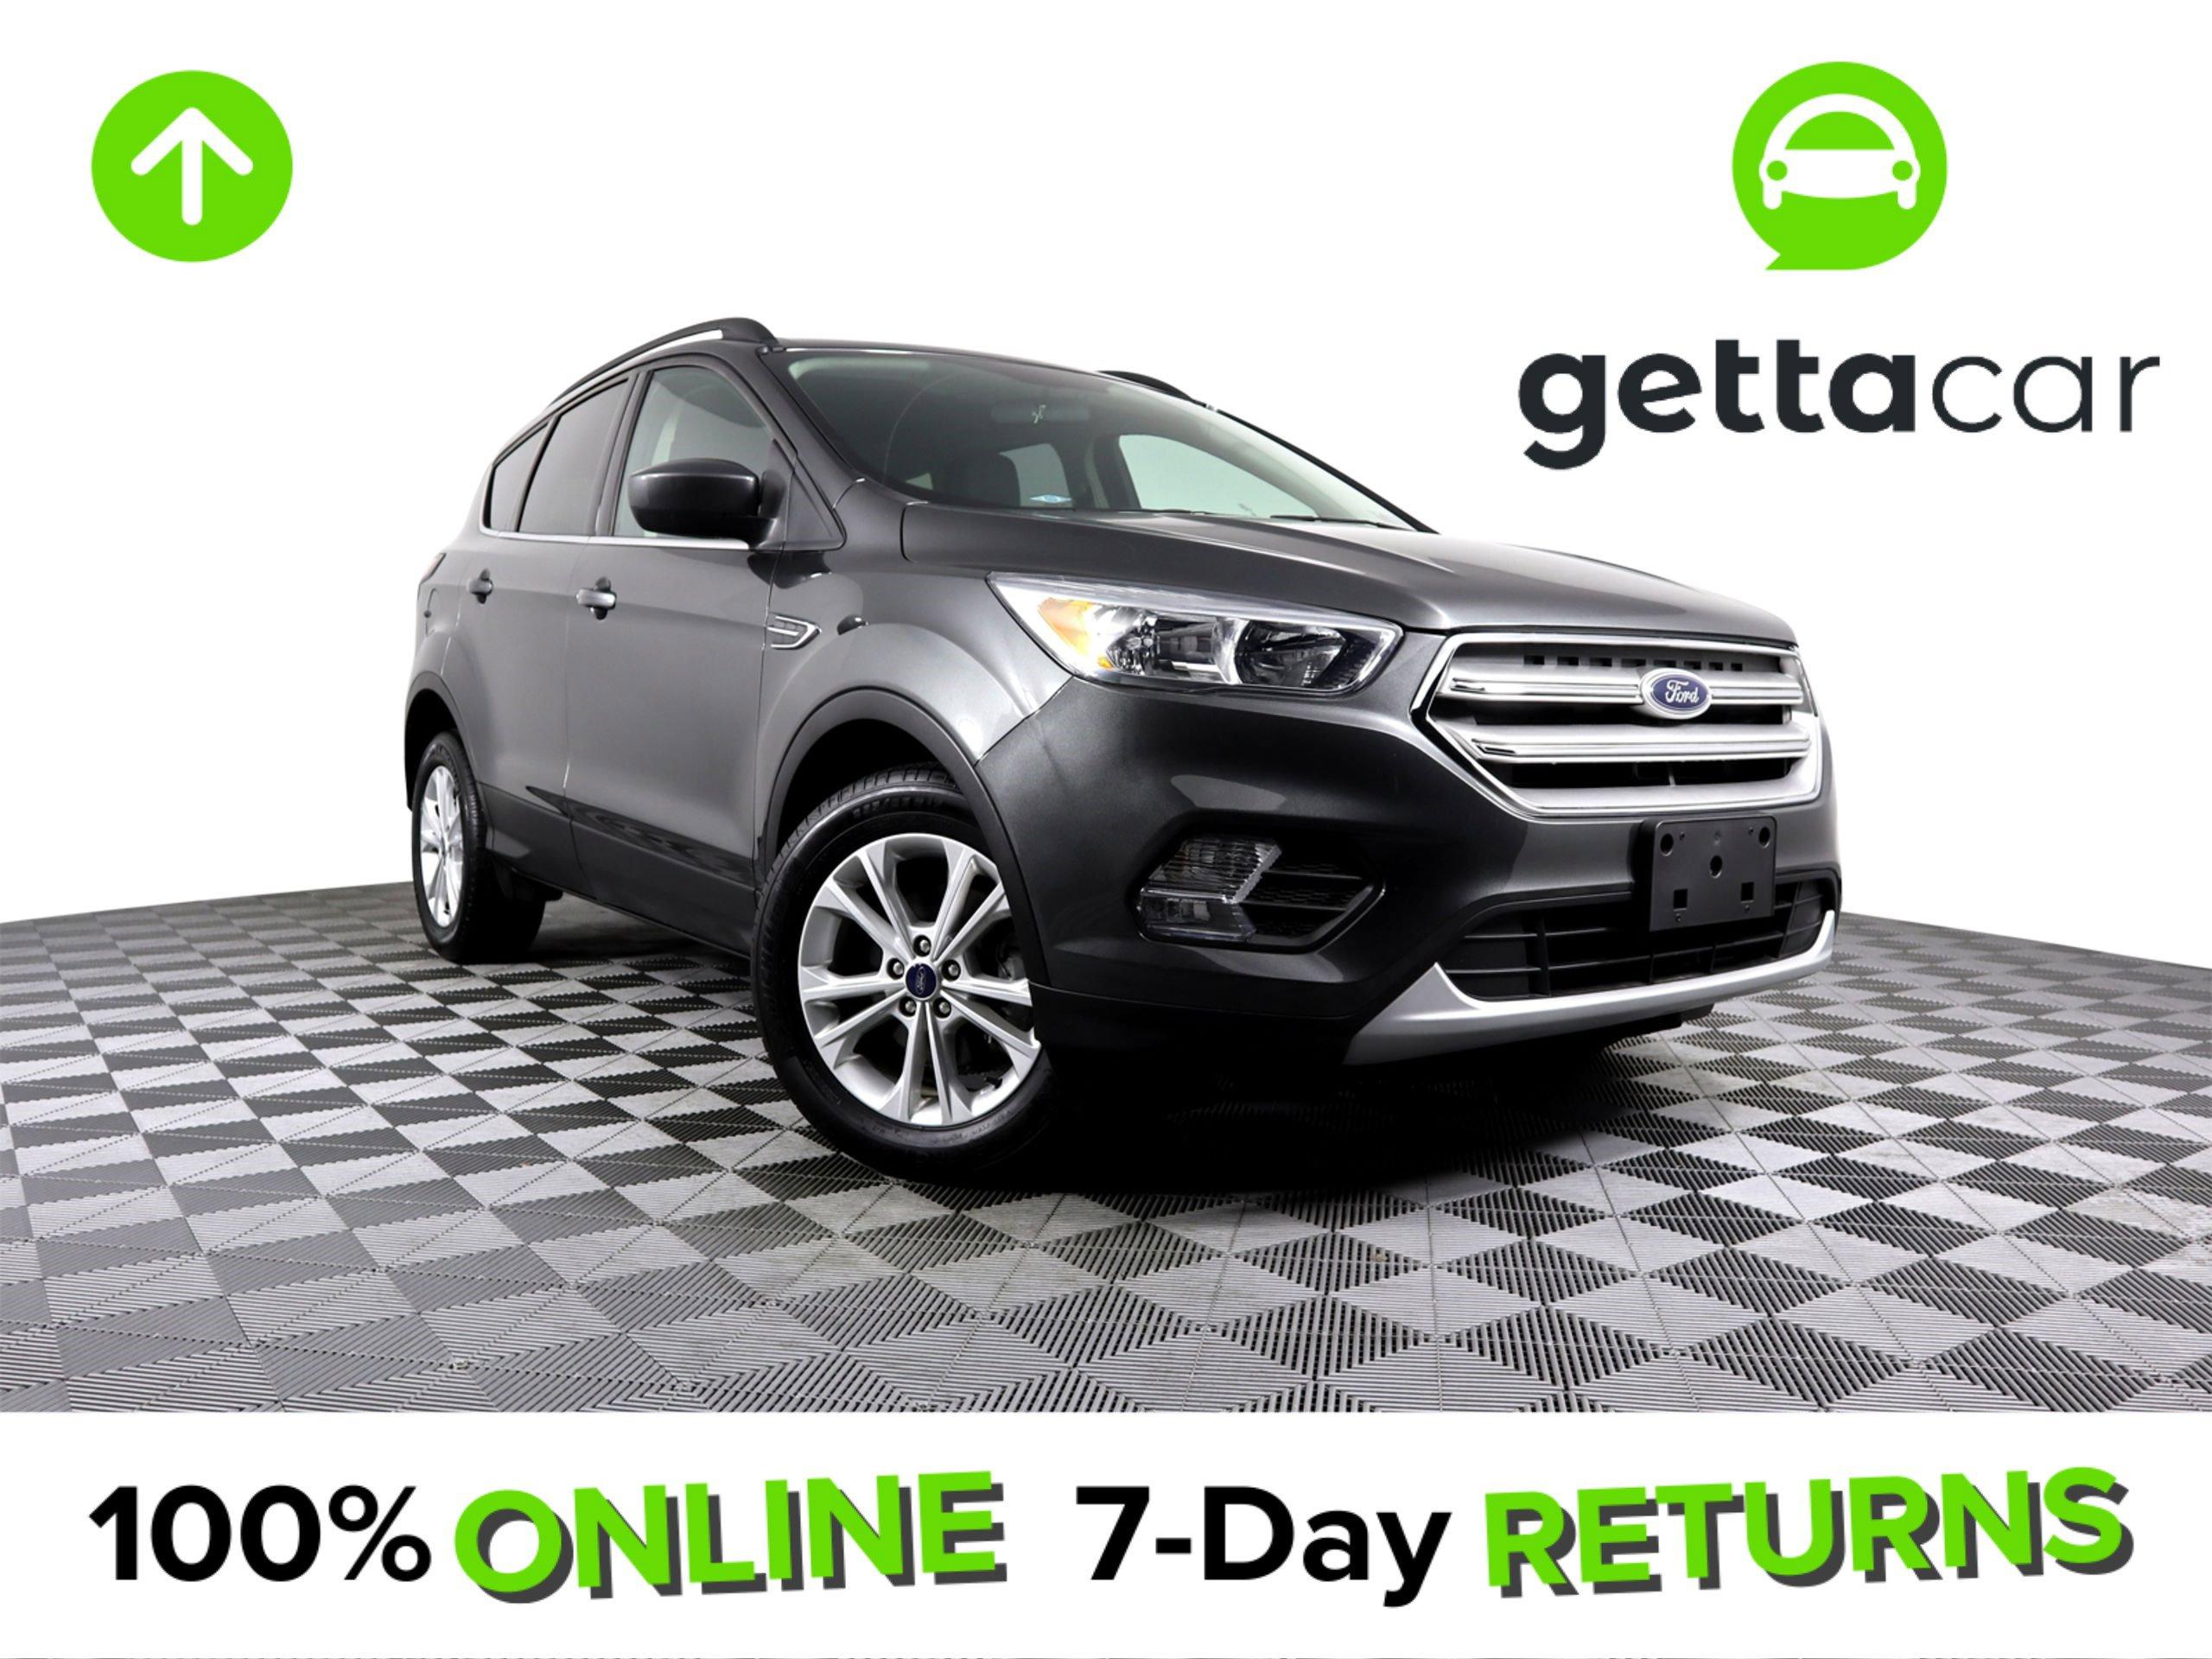 2018 Ford Escape FWD SE image